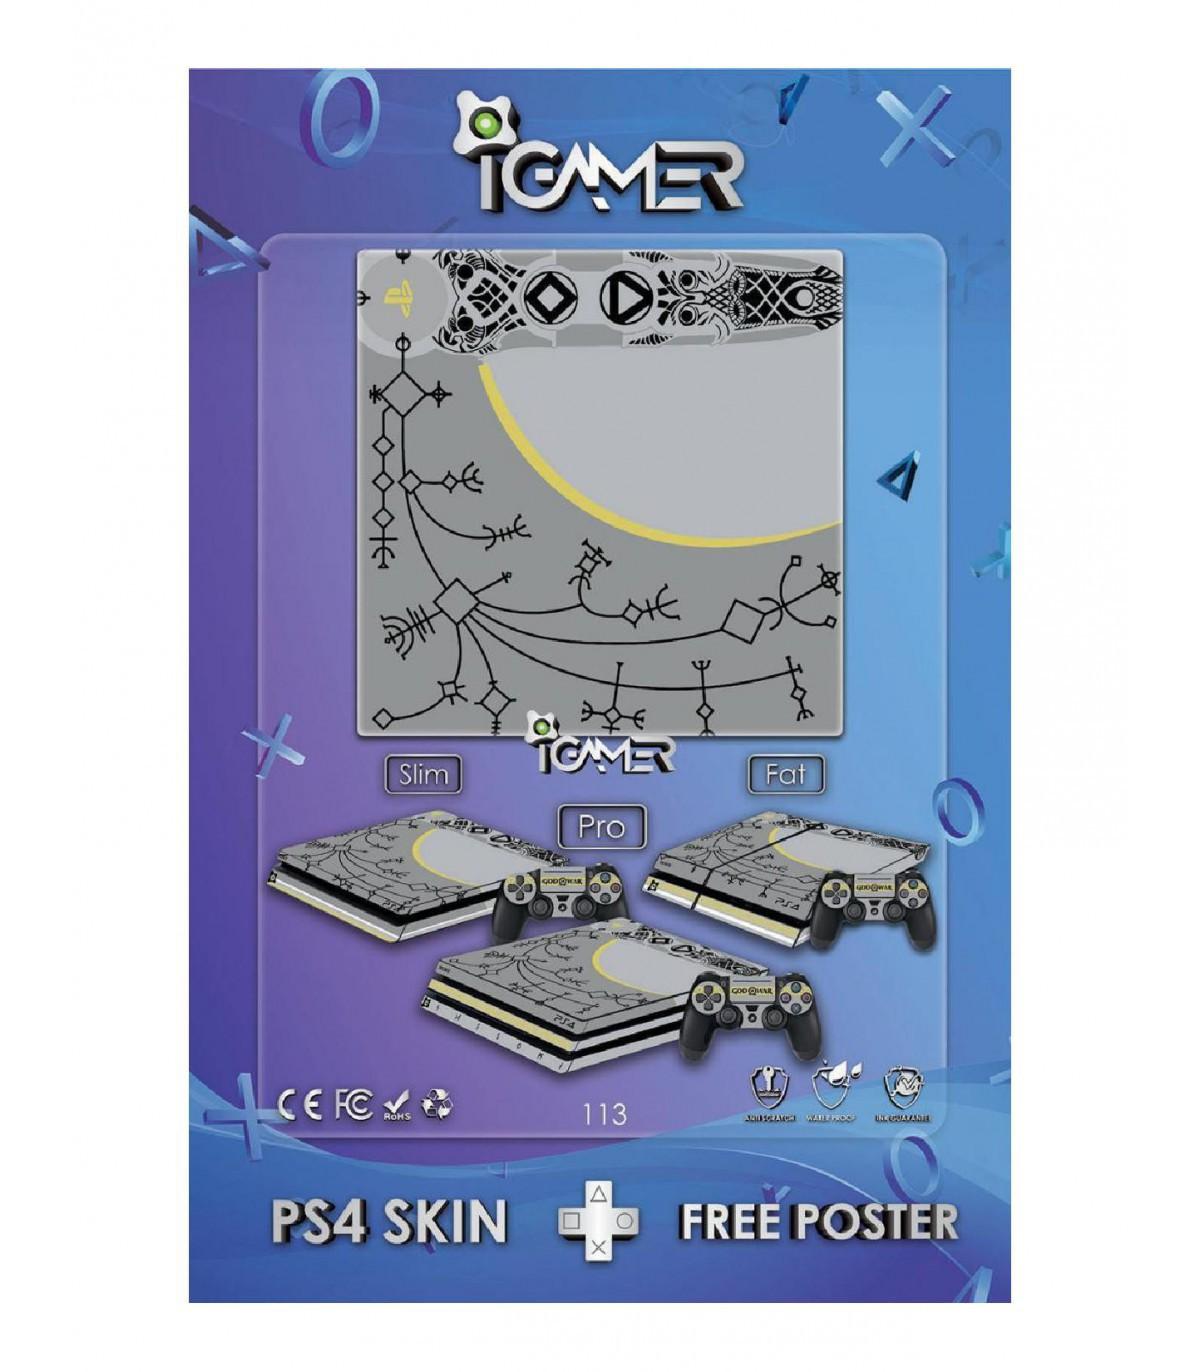 اسکین PS4 آی گیمر طرح جدید شماره 13